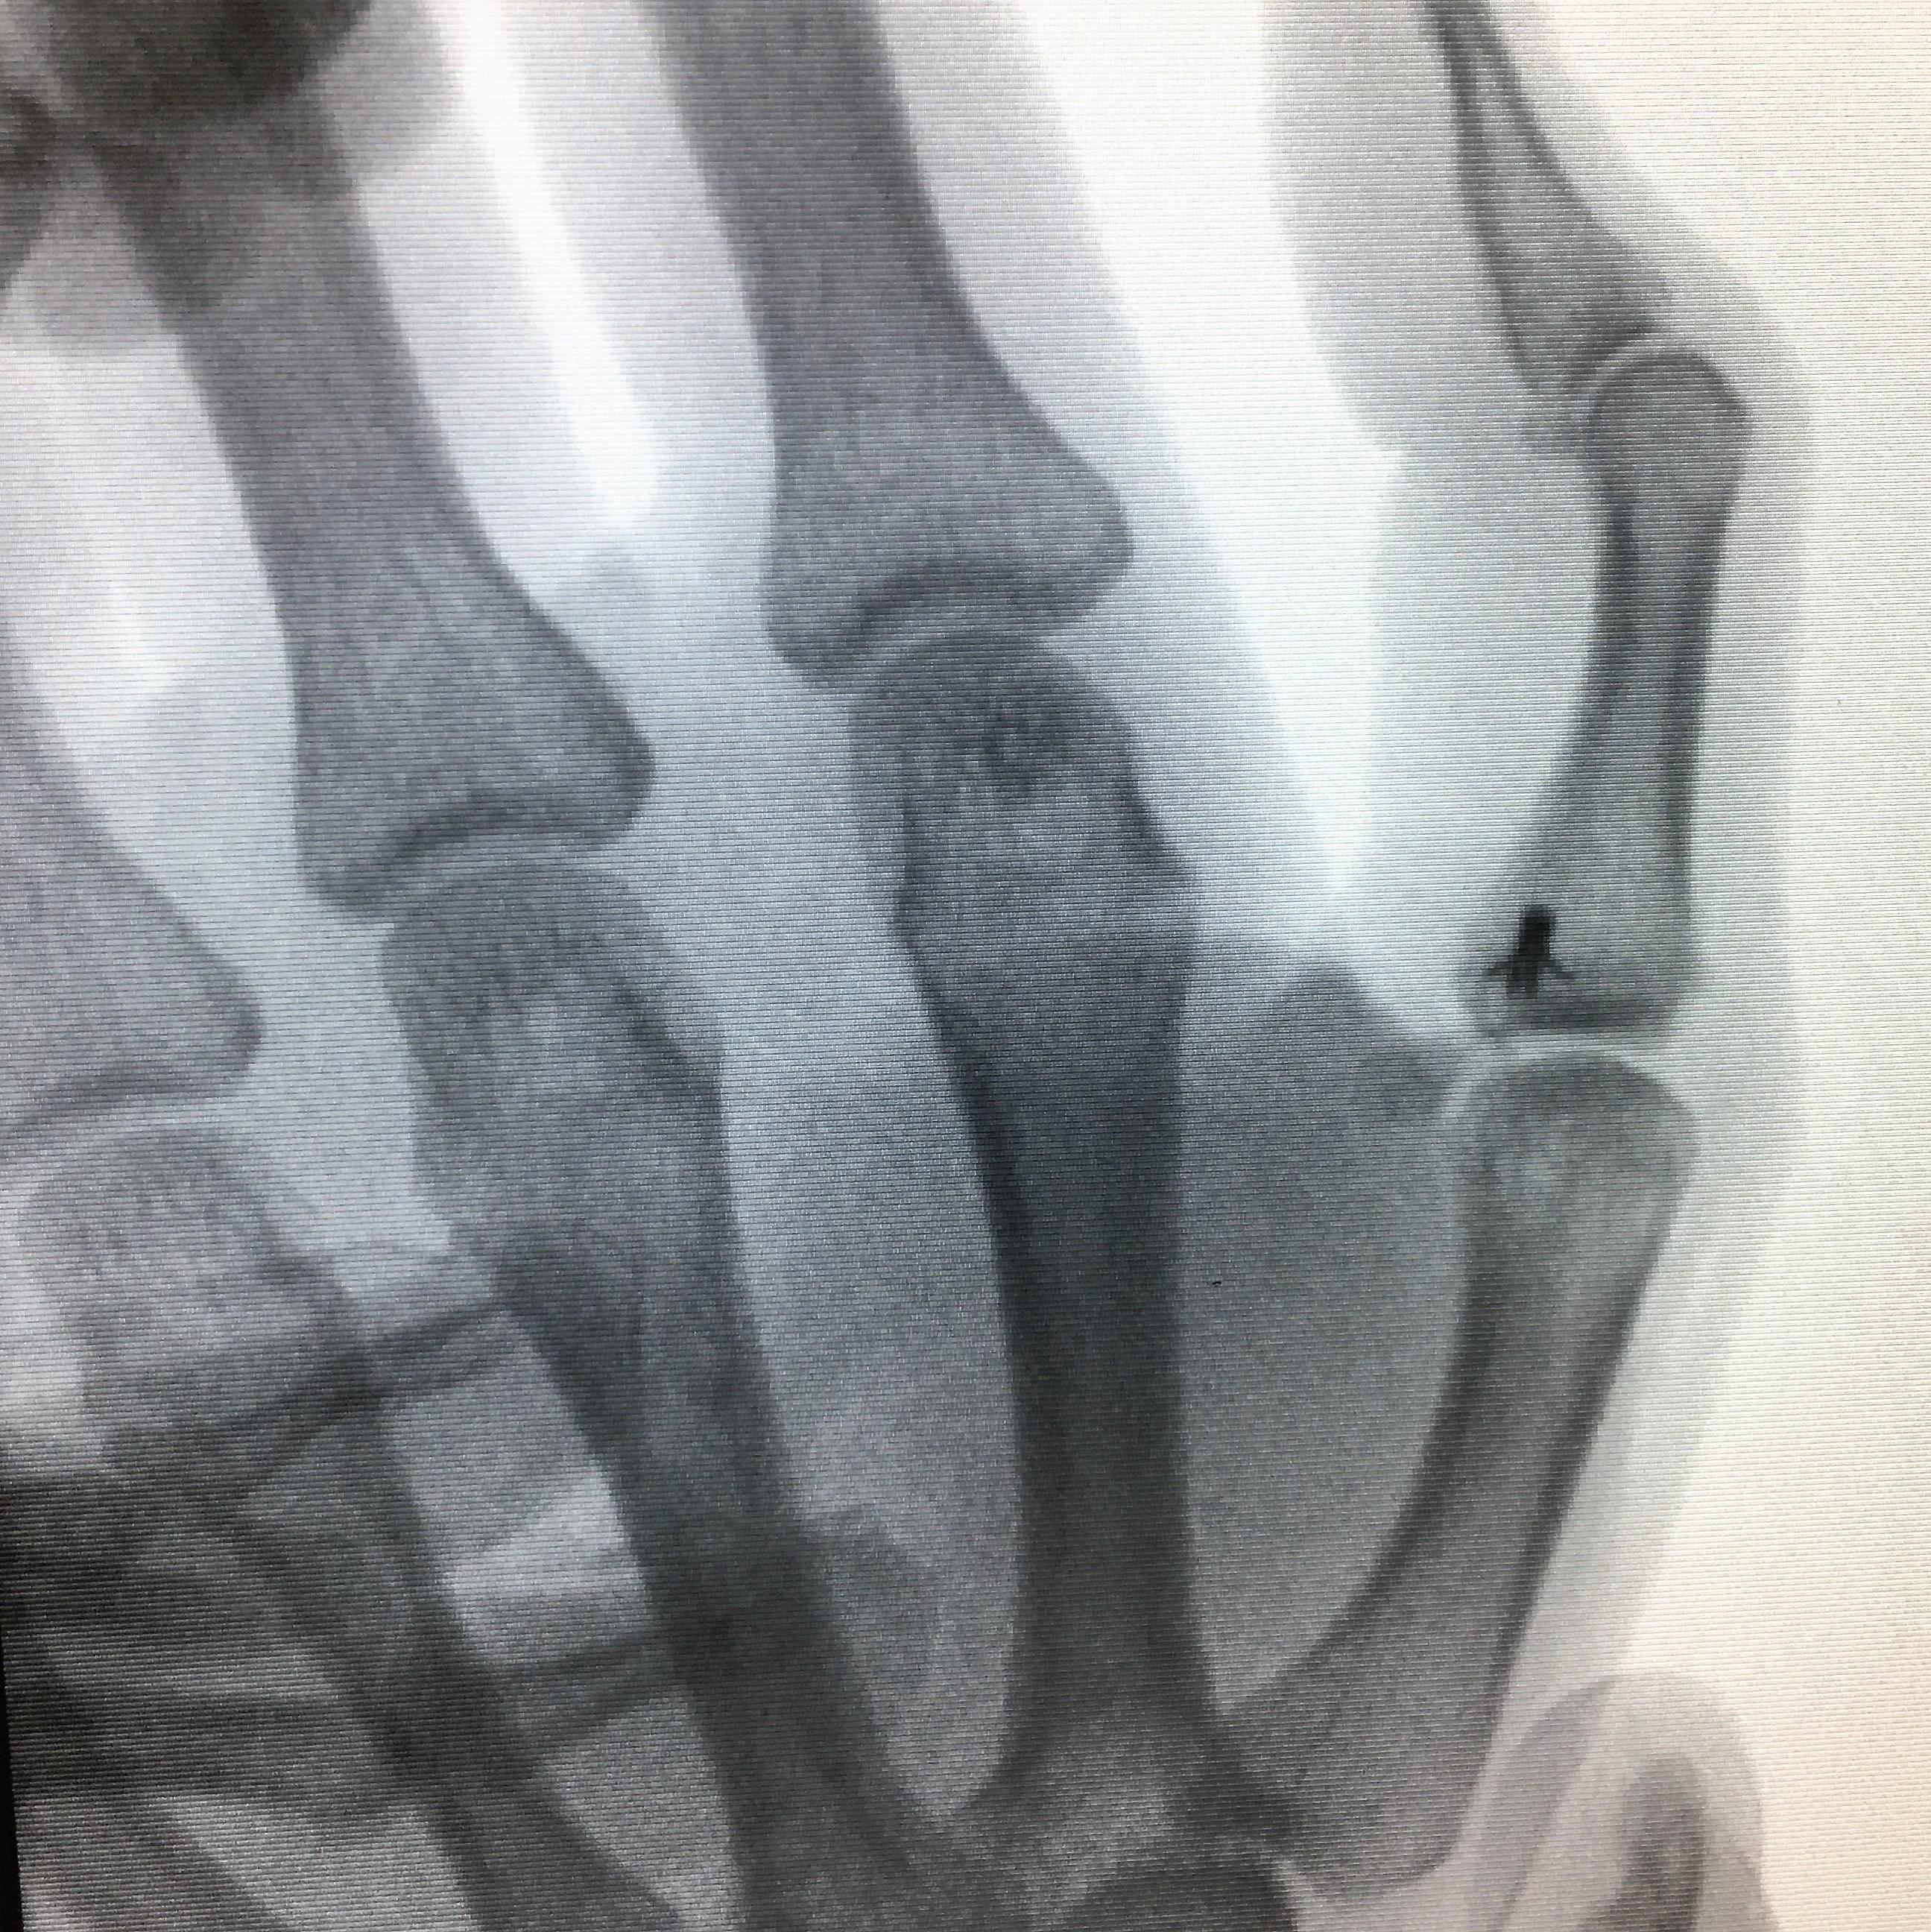 Réinsertion du ligament interne du pouce. Radiographie de profil.